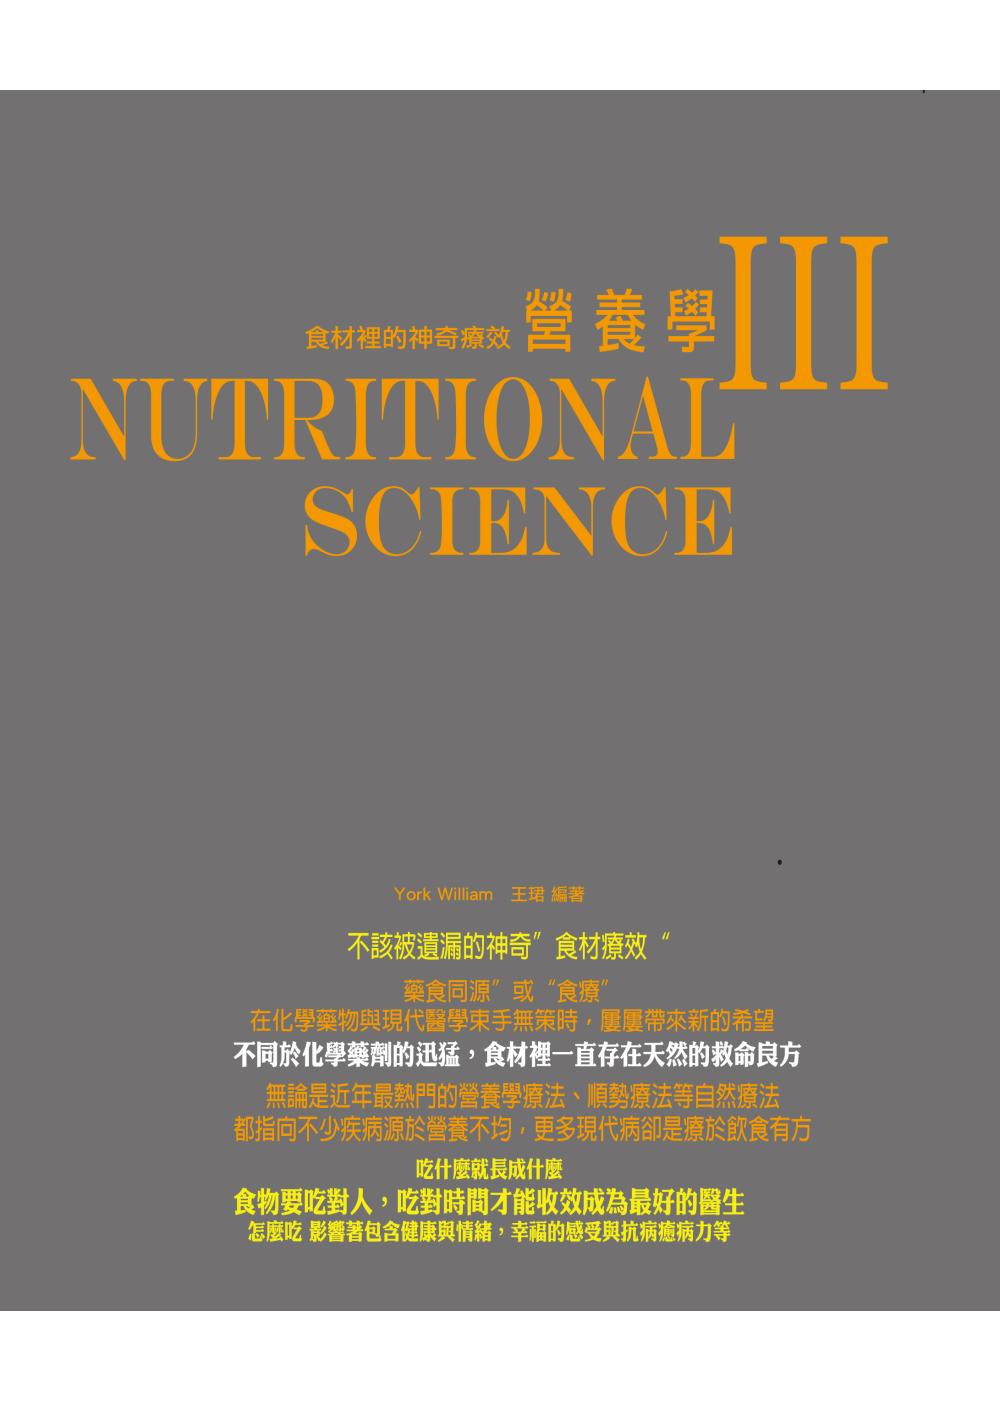 食在營養學3:食材裡的神奇療效